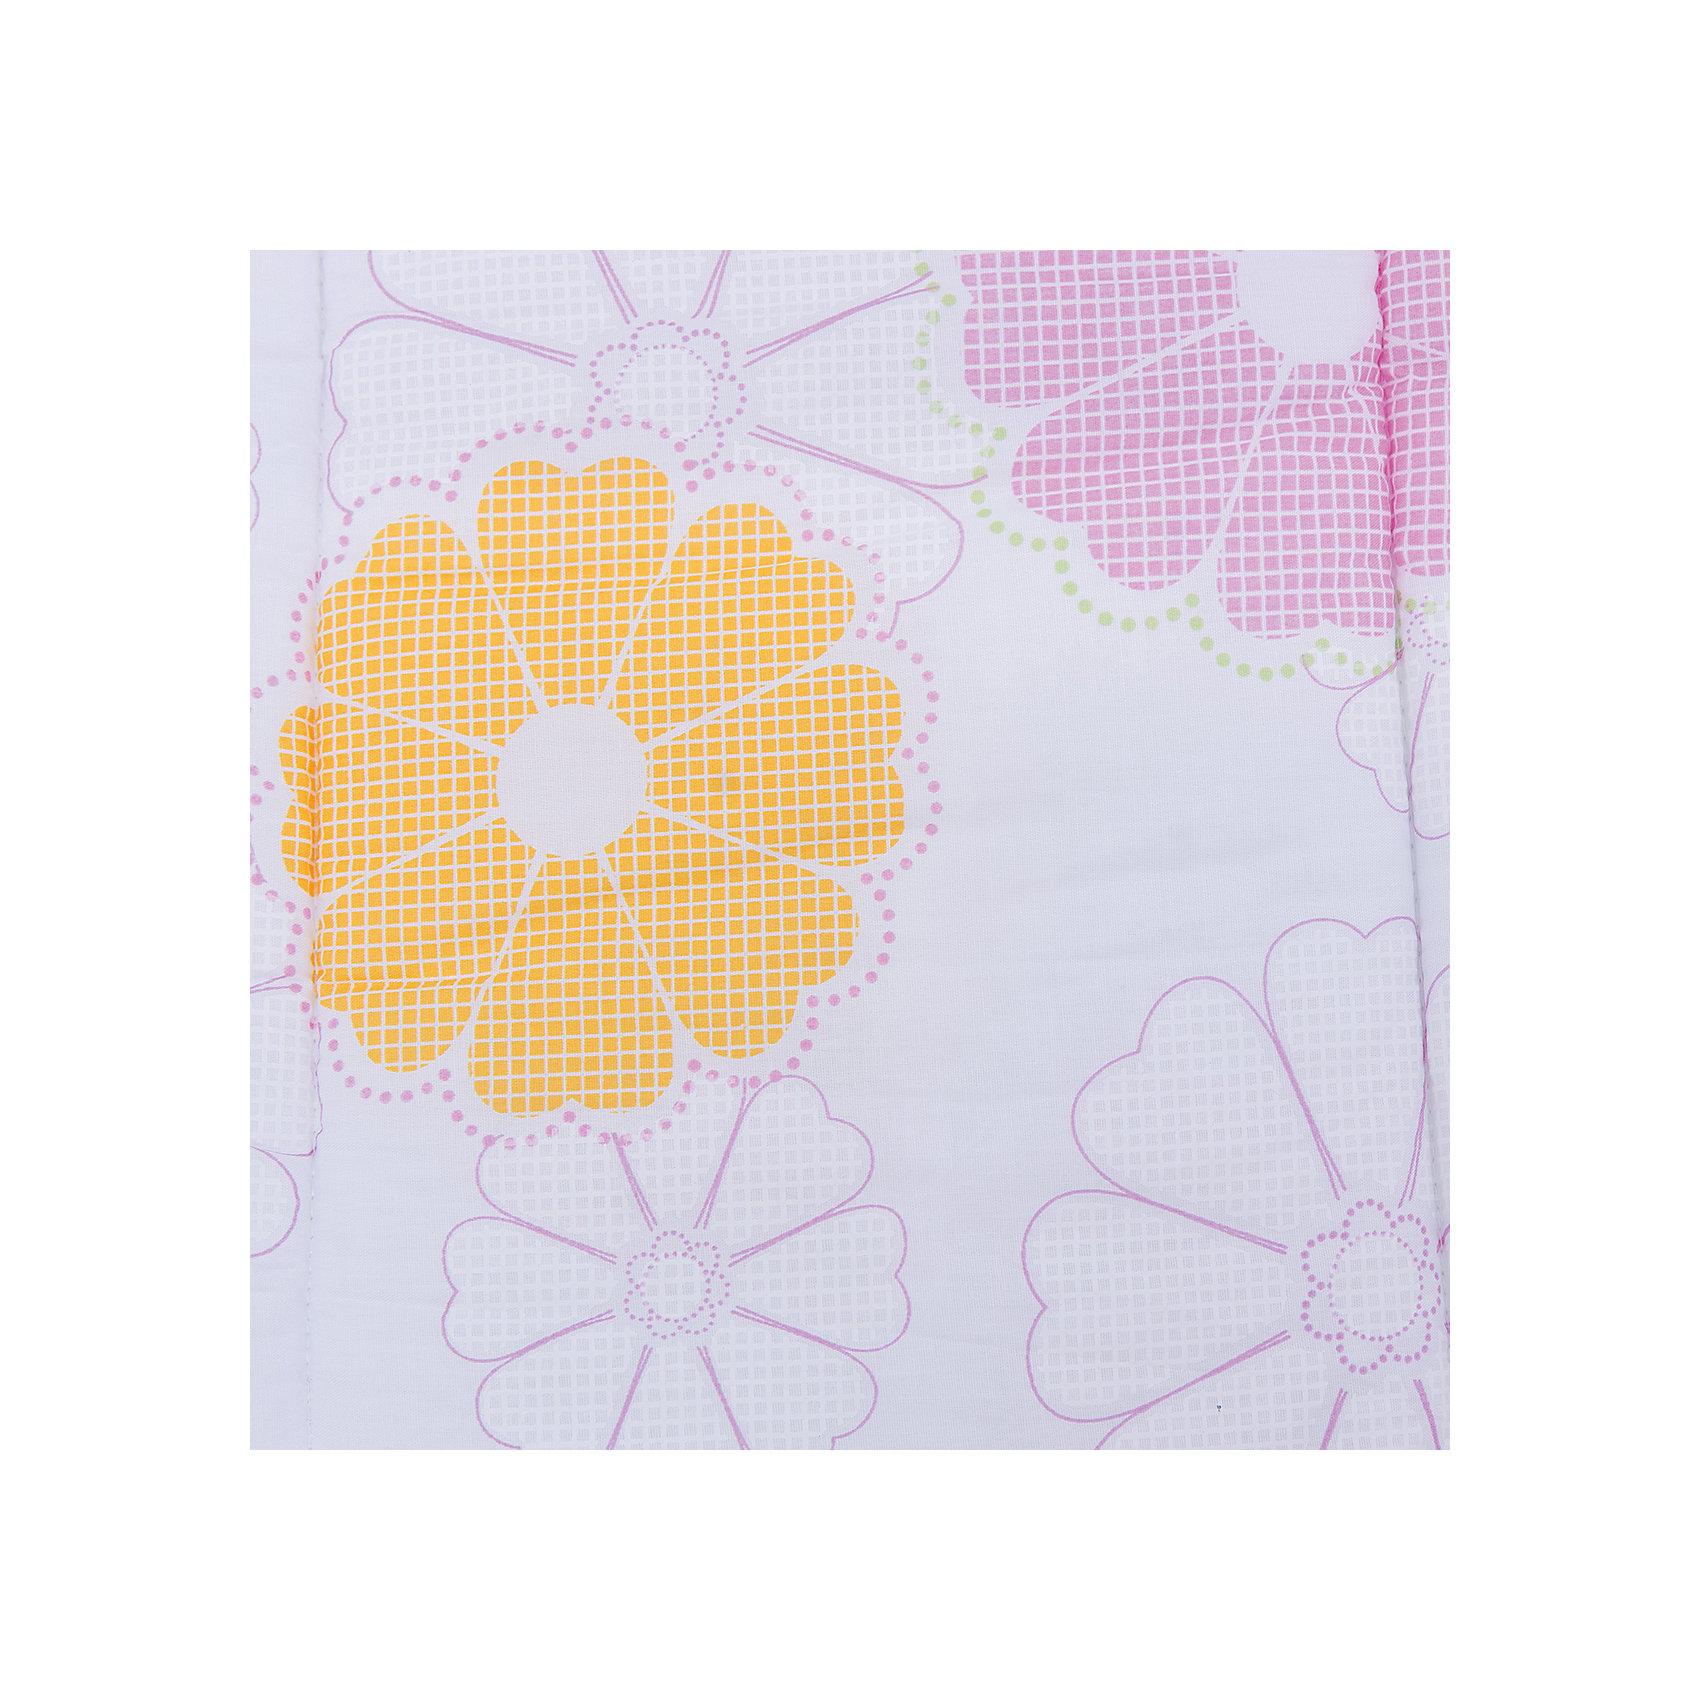 Комплект в коляску 2 пред., матрасик+подушка, Цветы-пэчворк, Leader kids, белый